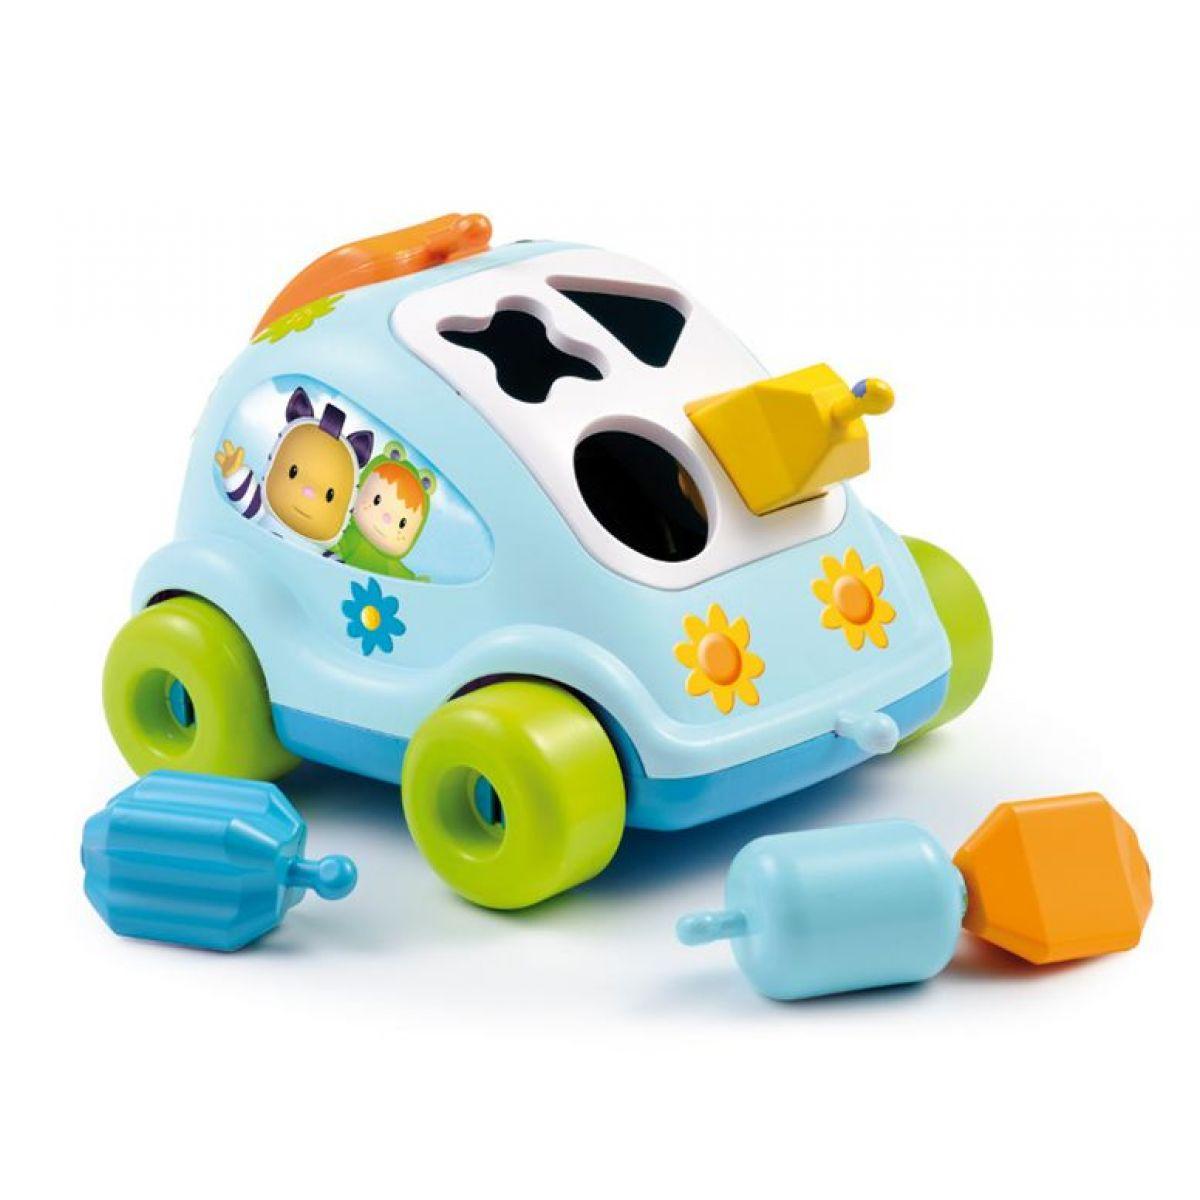 Cotoons autíčko vkládačka - Modrá